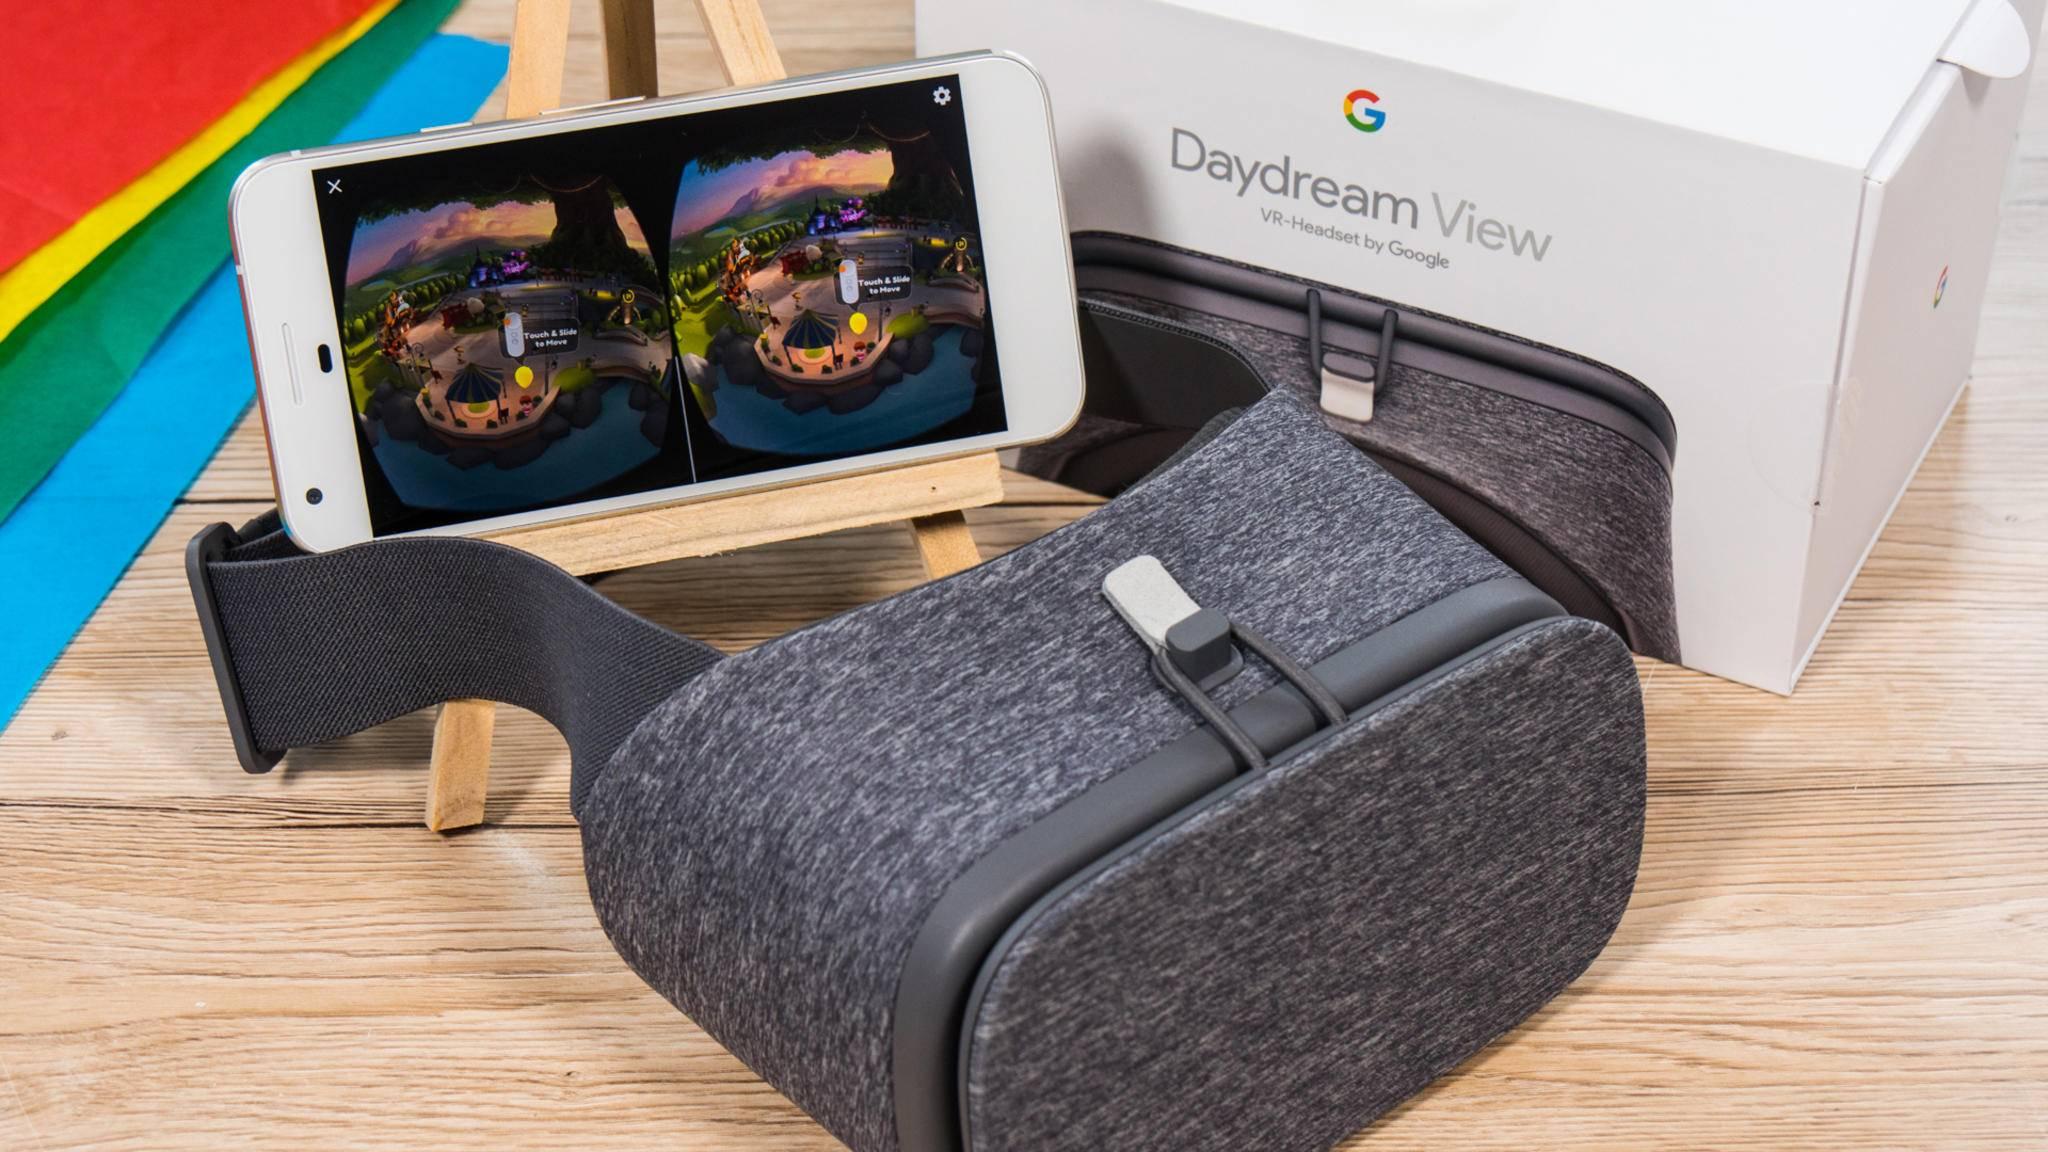 Die Daydream View ist die erste VR-Brille für Googles Daydream.